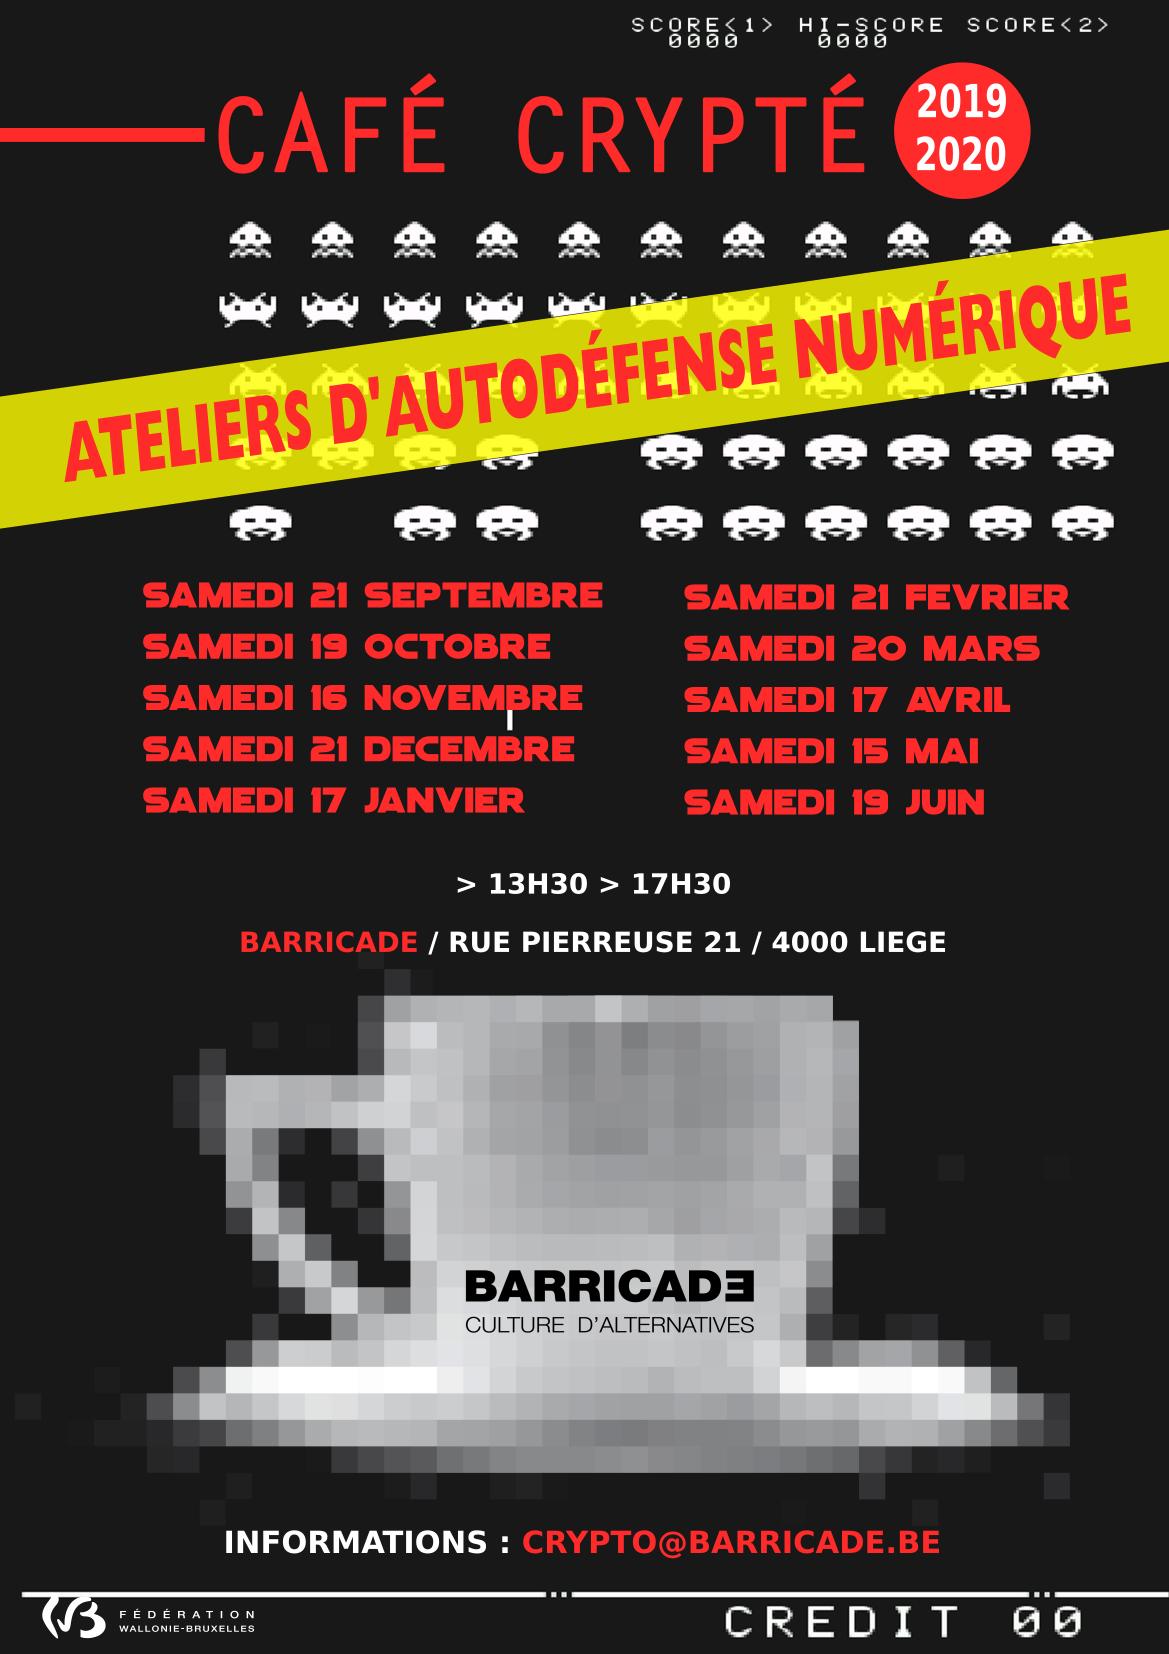 Café Crypté 2019